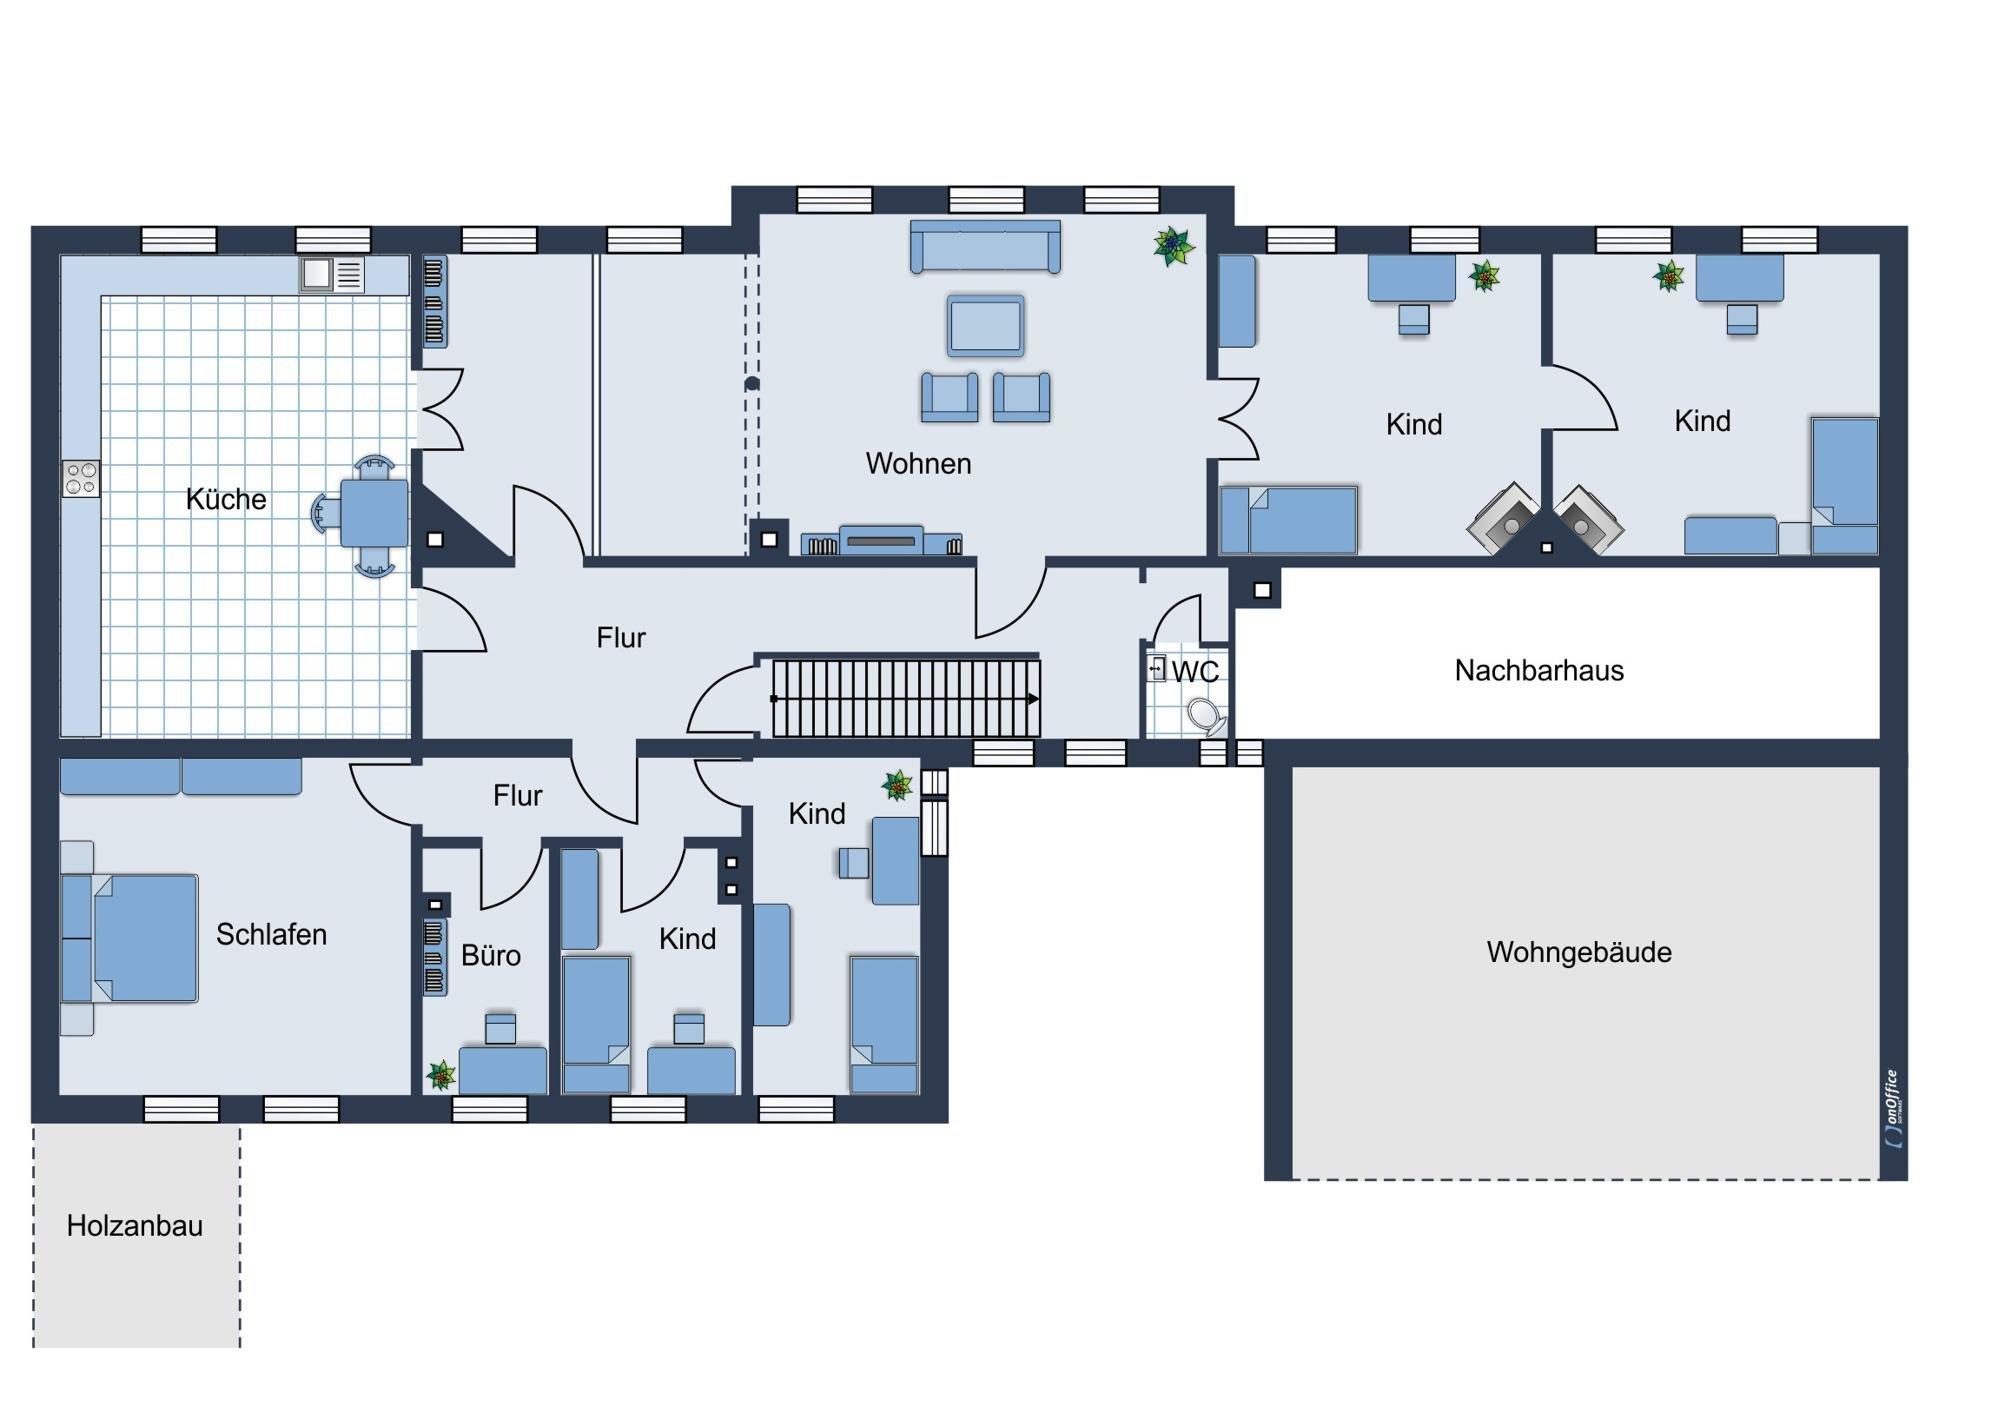 Obergeschoss - Vorschlag